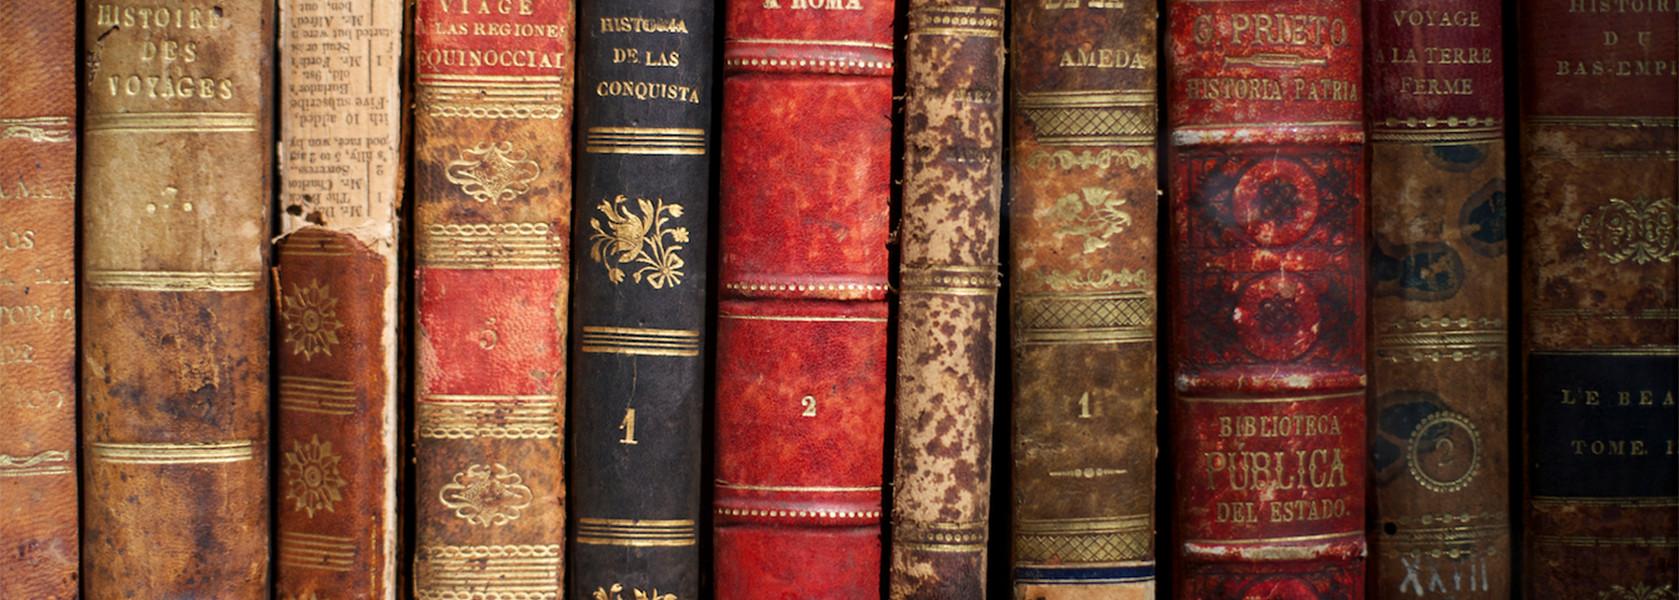 Hero - Rubriek boeken